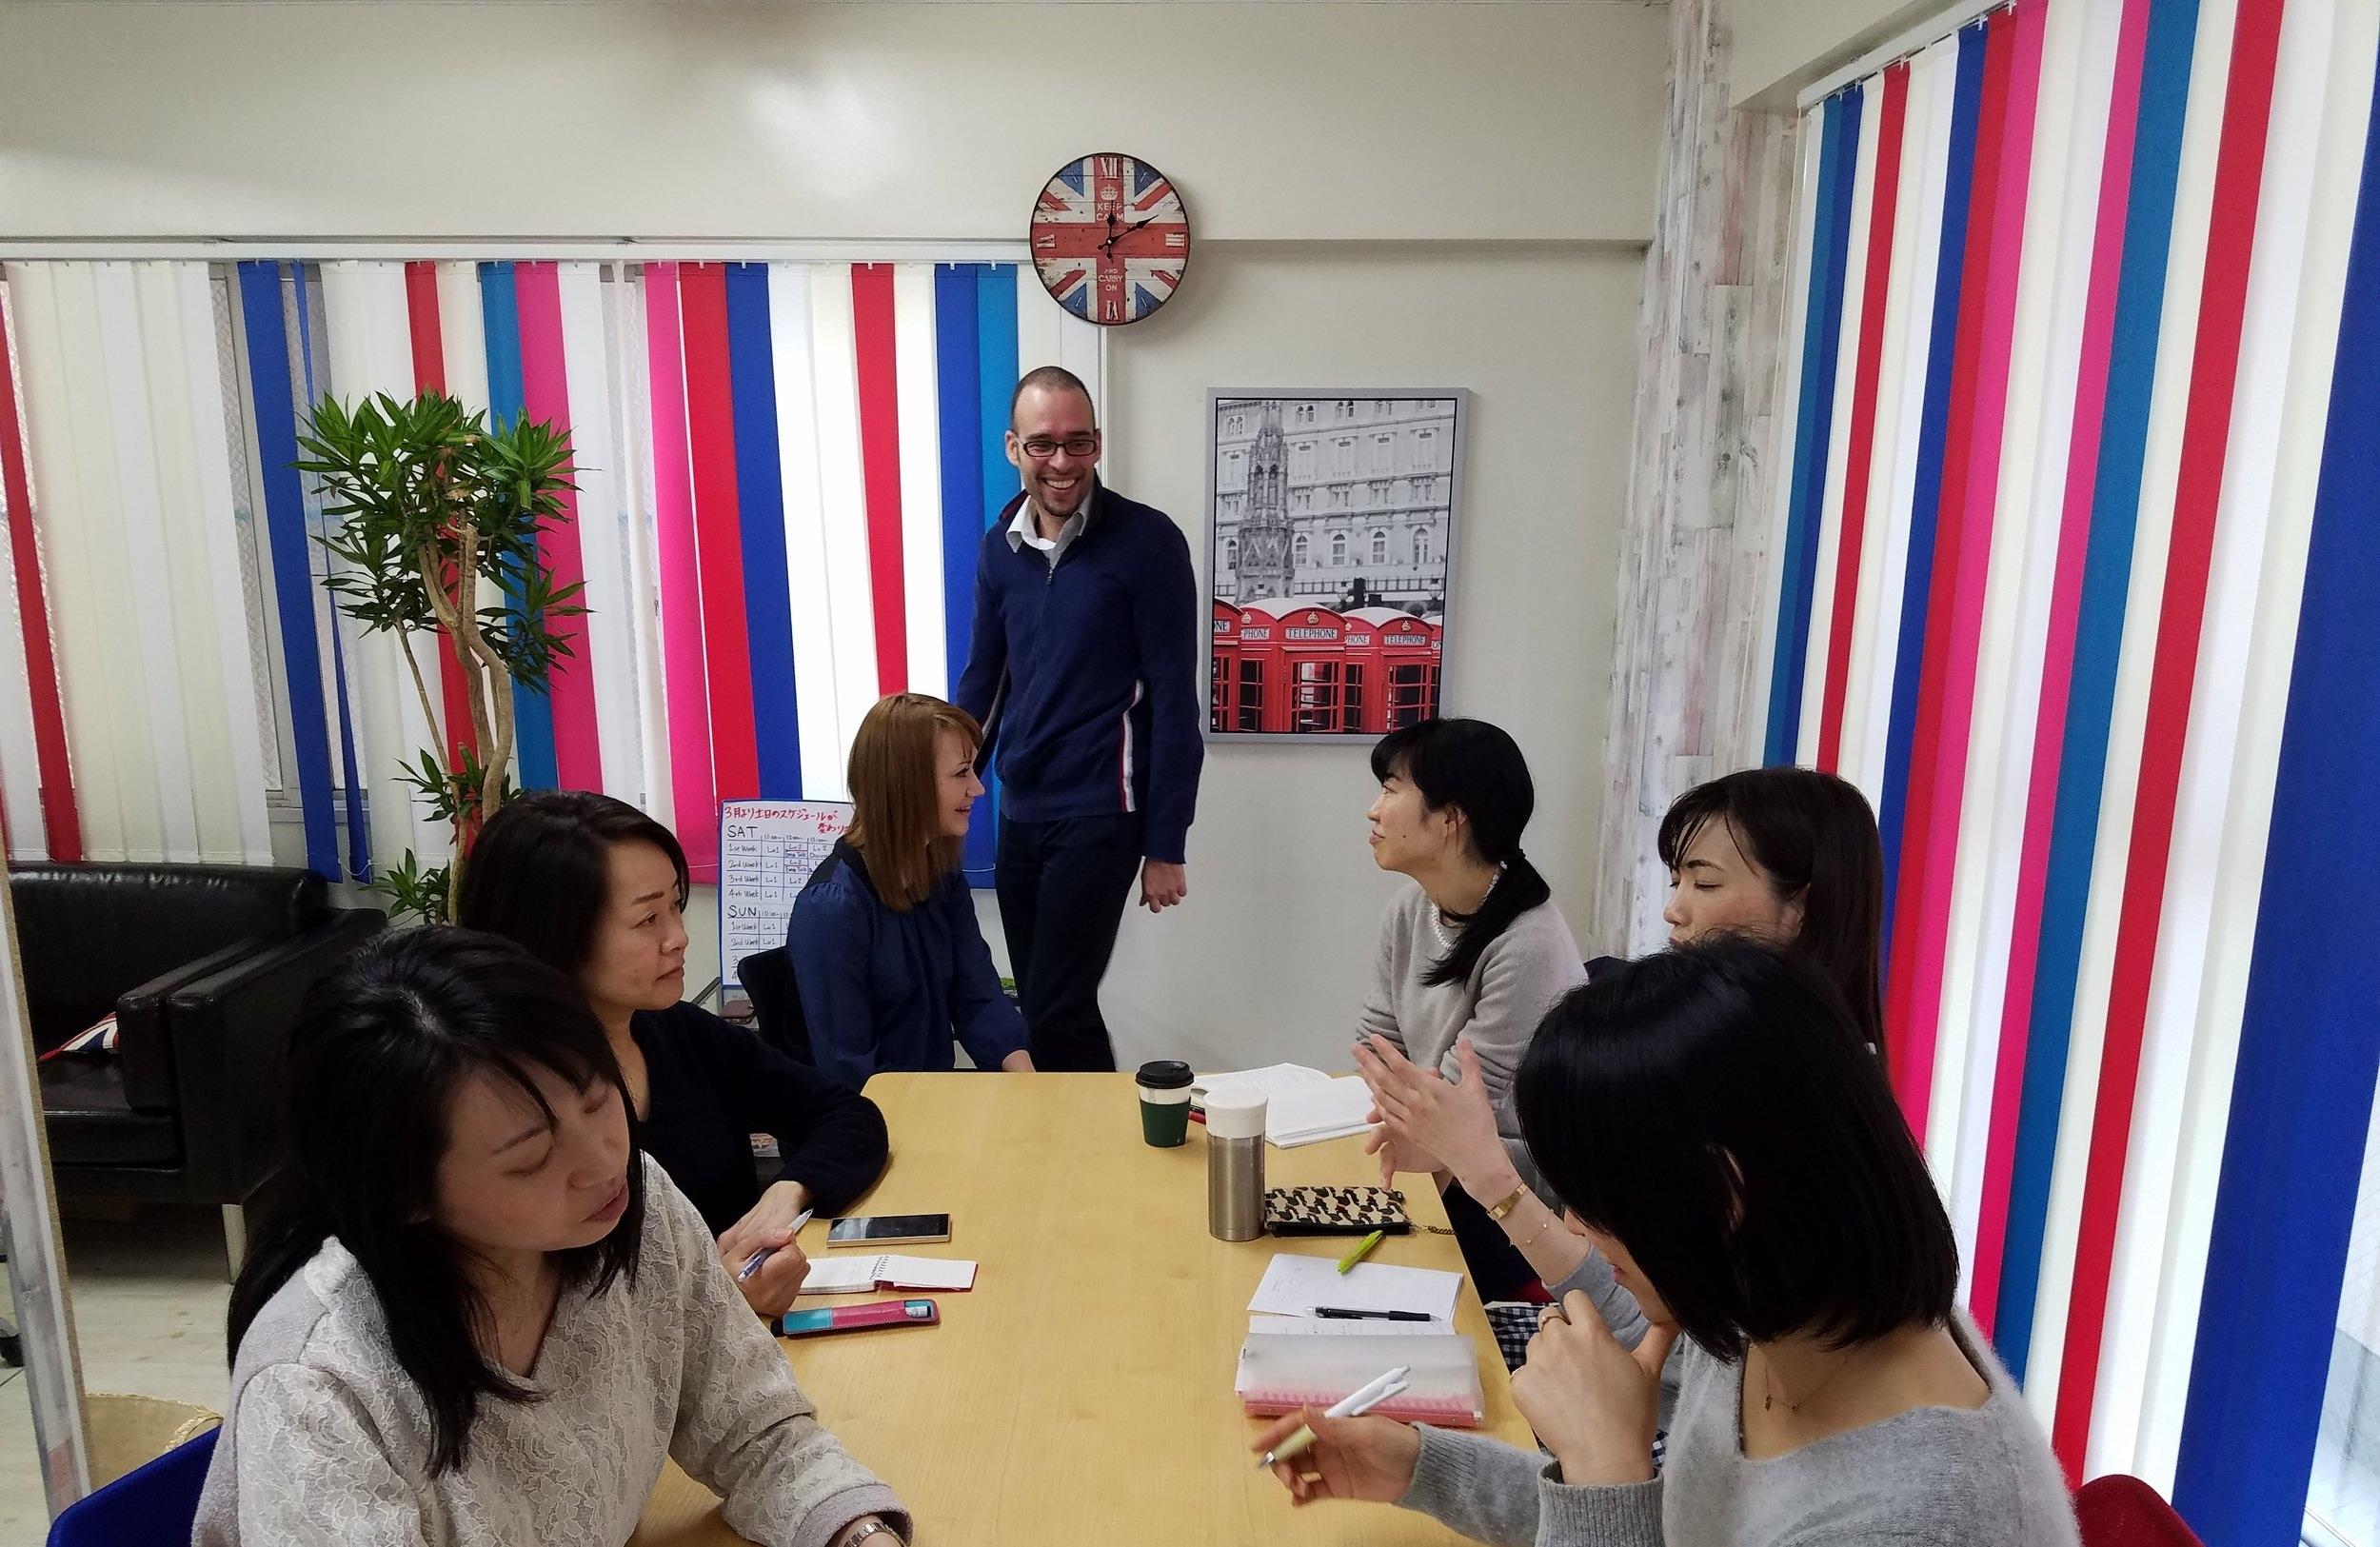 ウインザー英会話のLEvel 3一般英語グループクラス